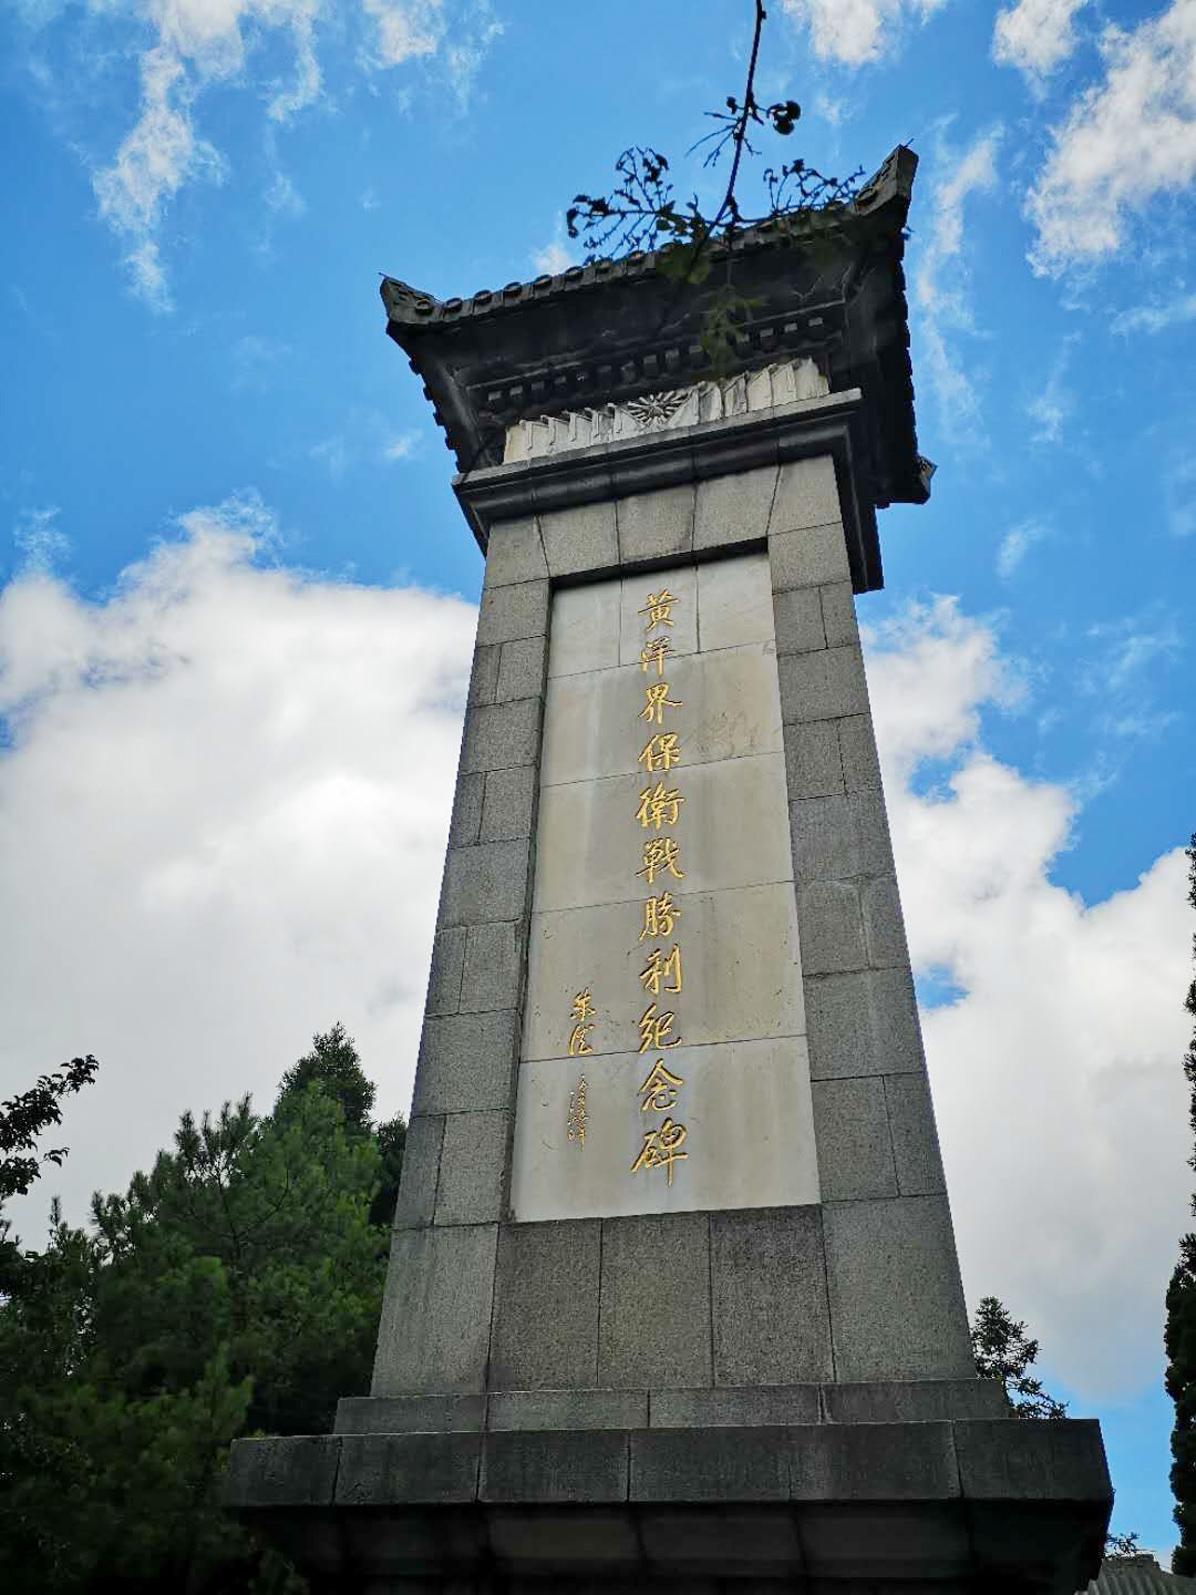 井岗山革命传统教育培训_图31